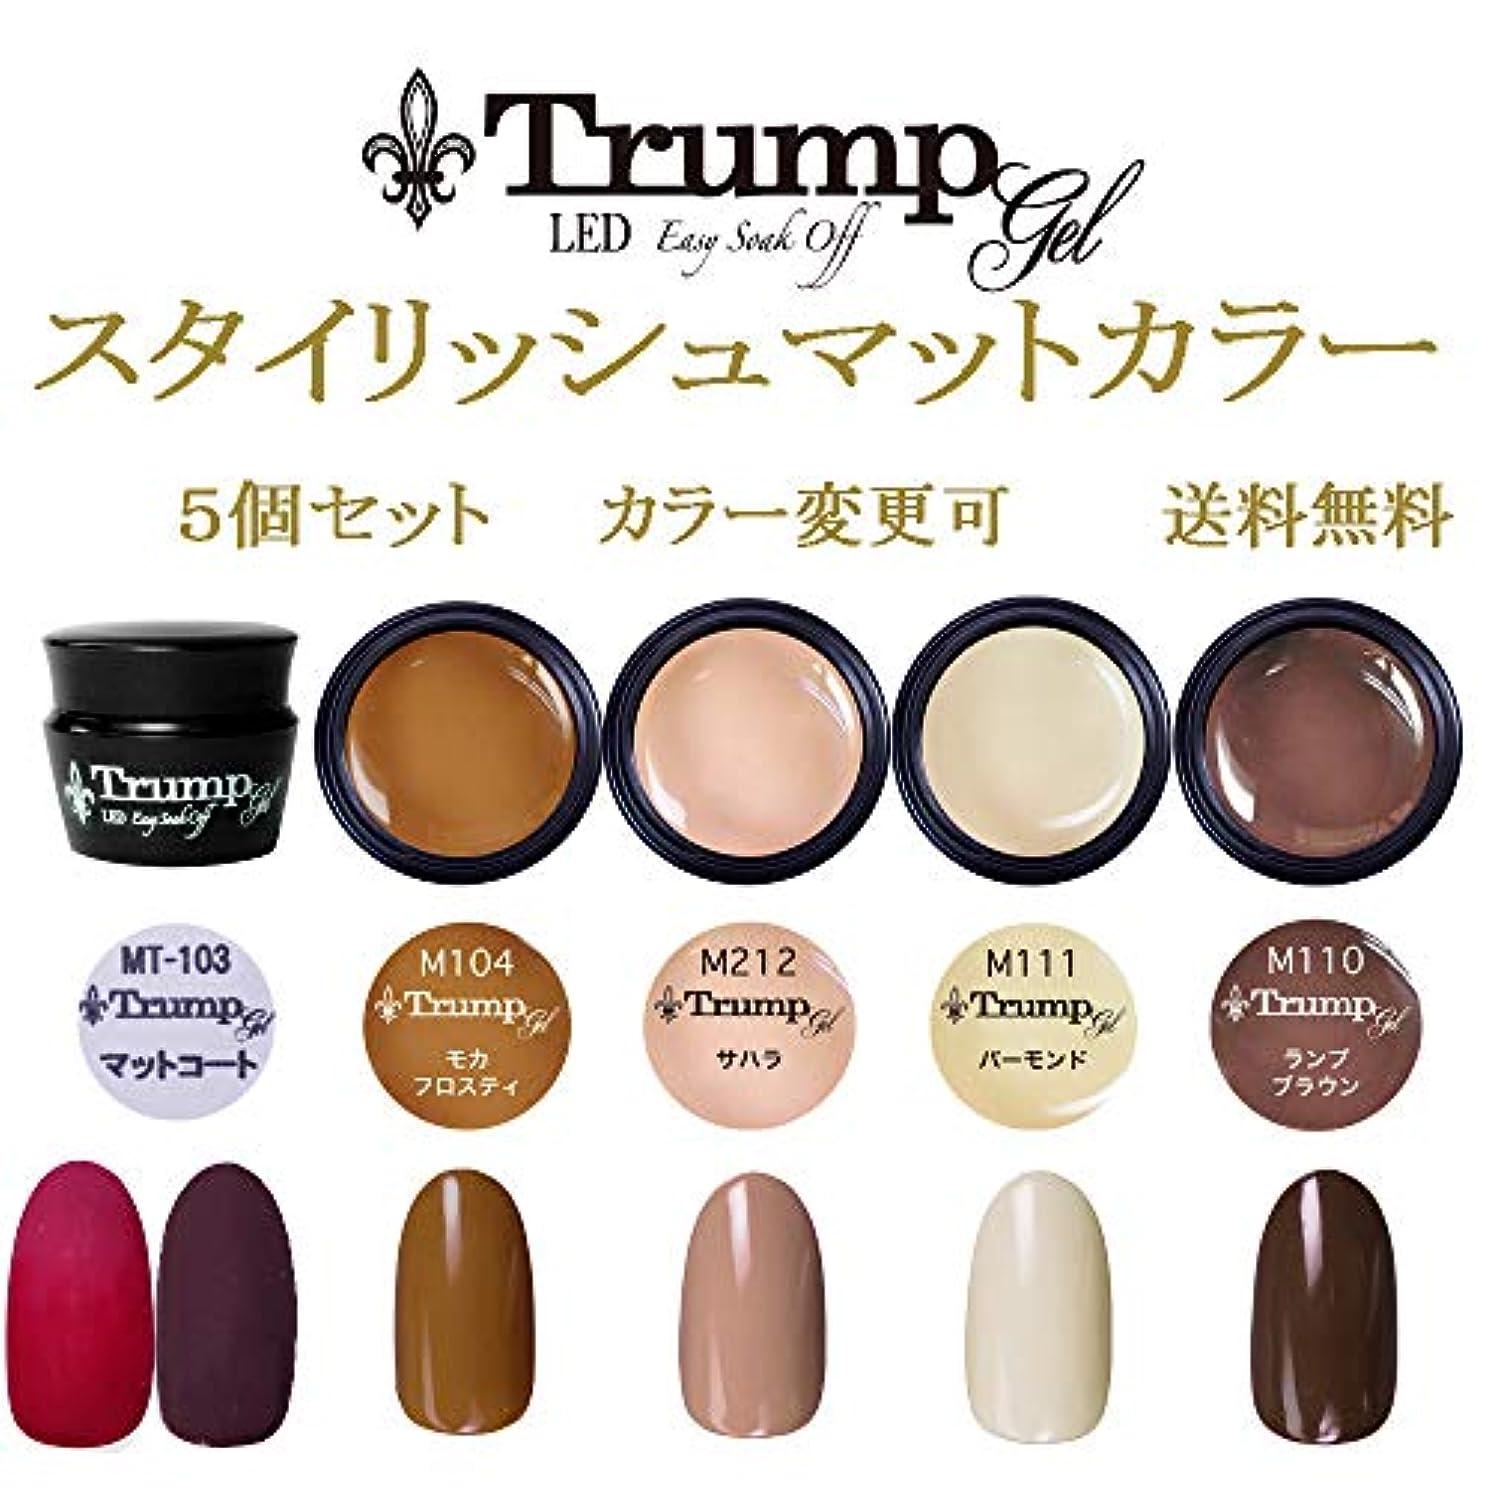 サンドイッチ流限界【送料無料】日本製 Trump gel トランプジェル スタイリッシュマットカラージェル5個セット 5個セット マットカラー ベージュ ブラウン マスタード カラー